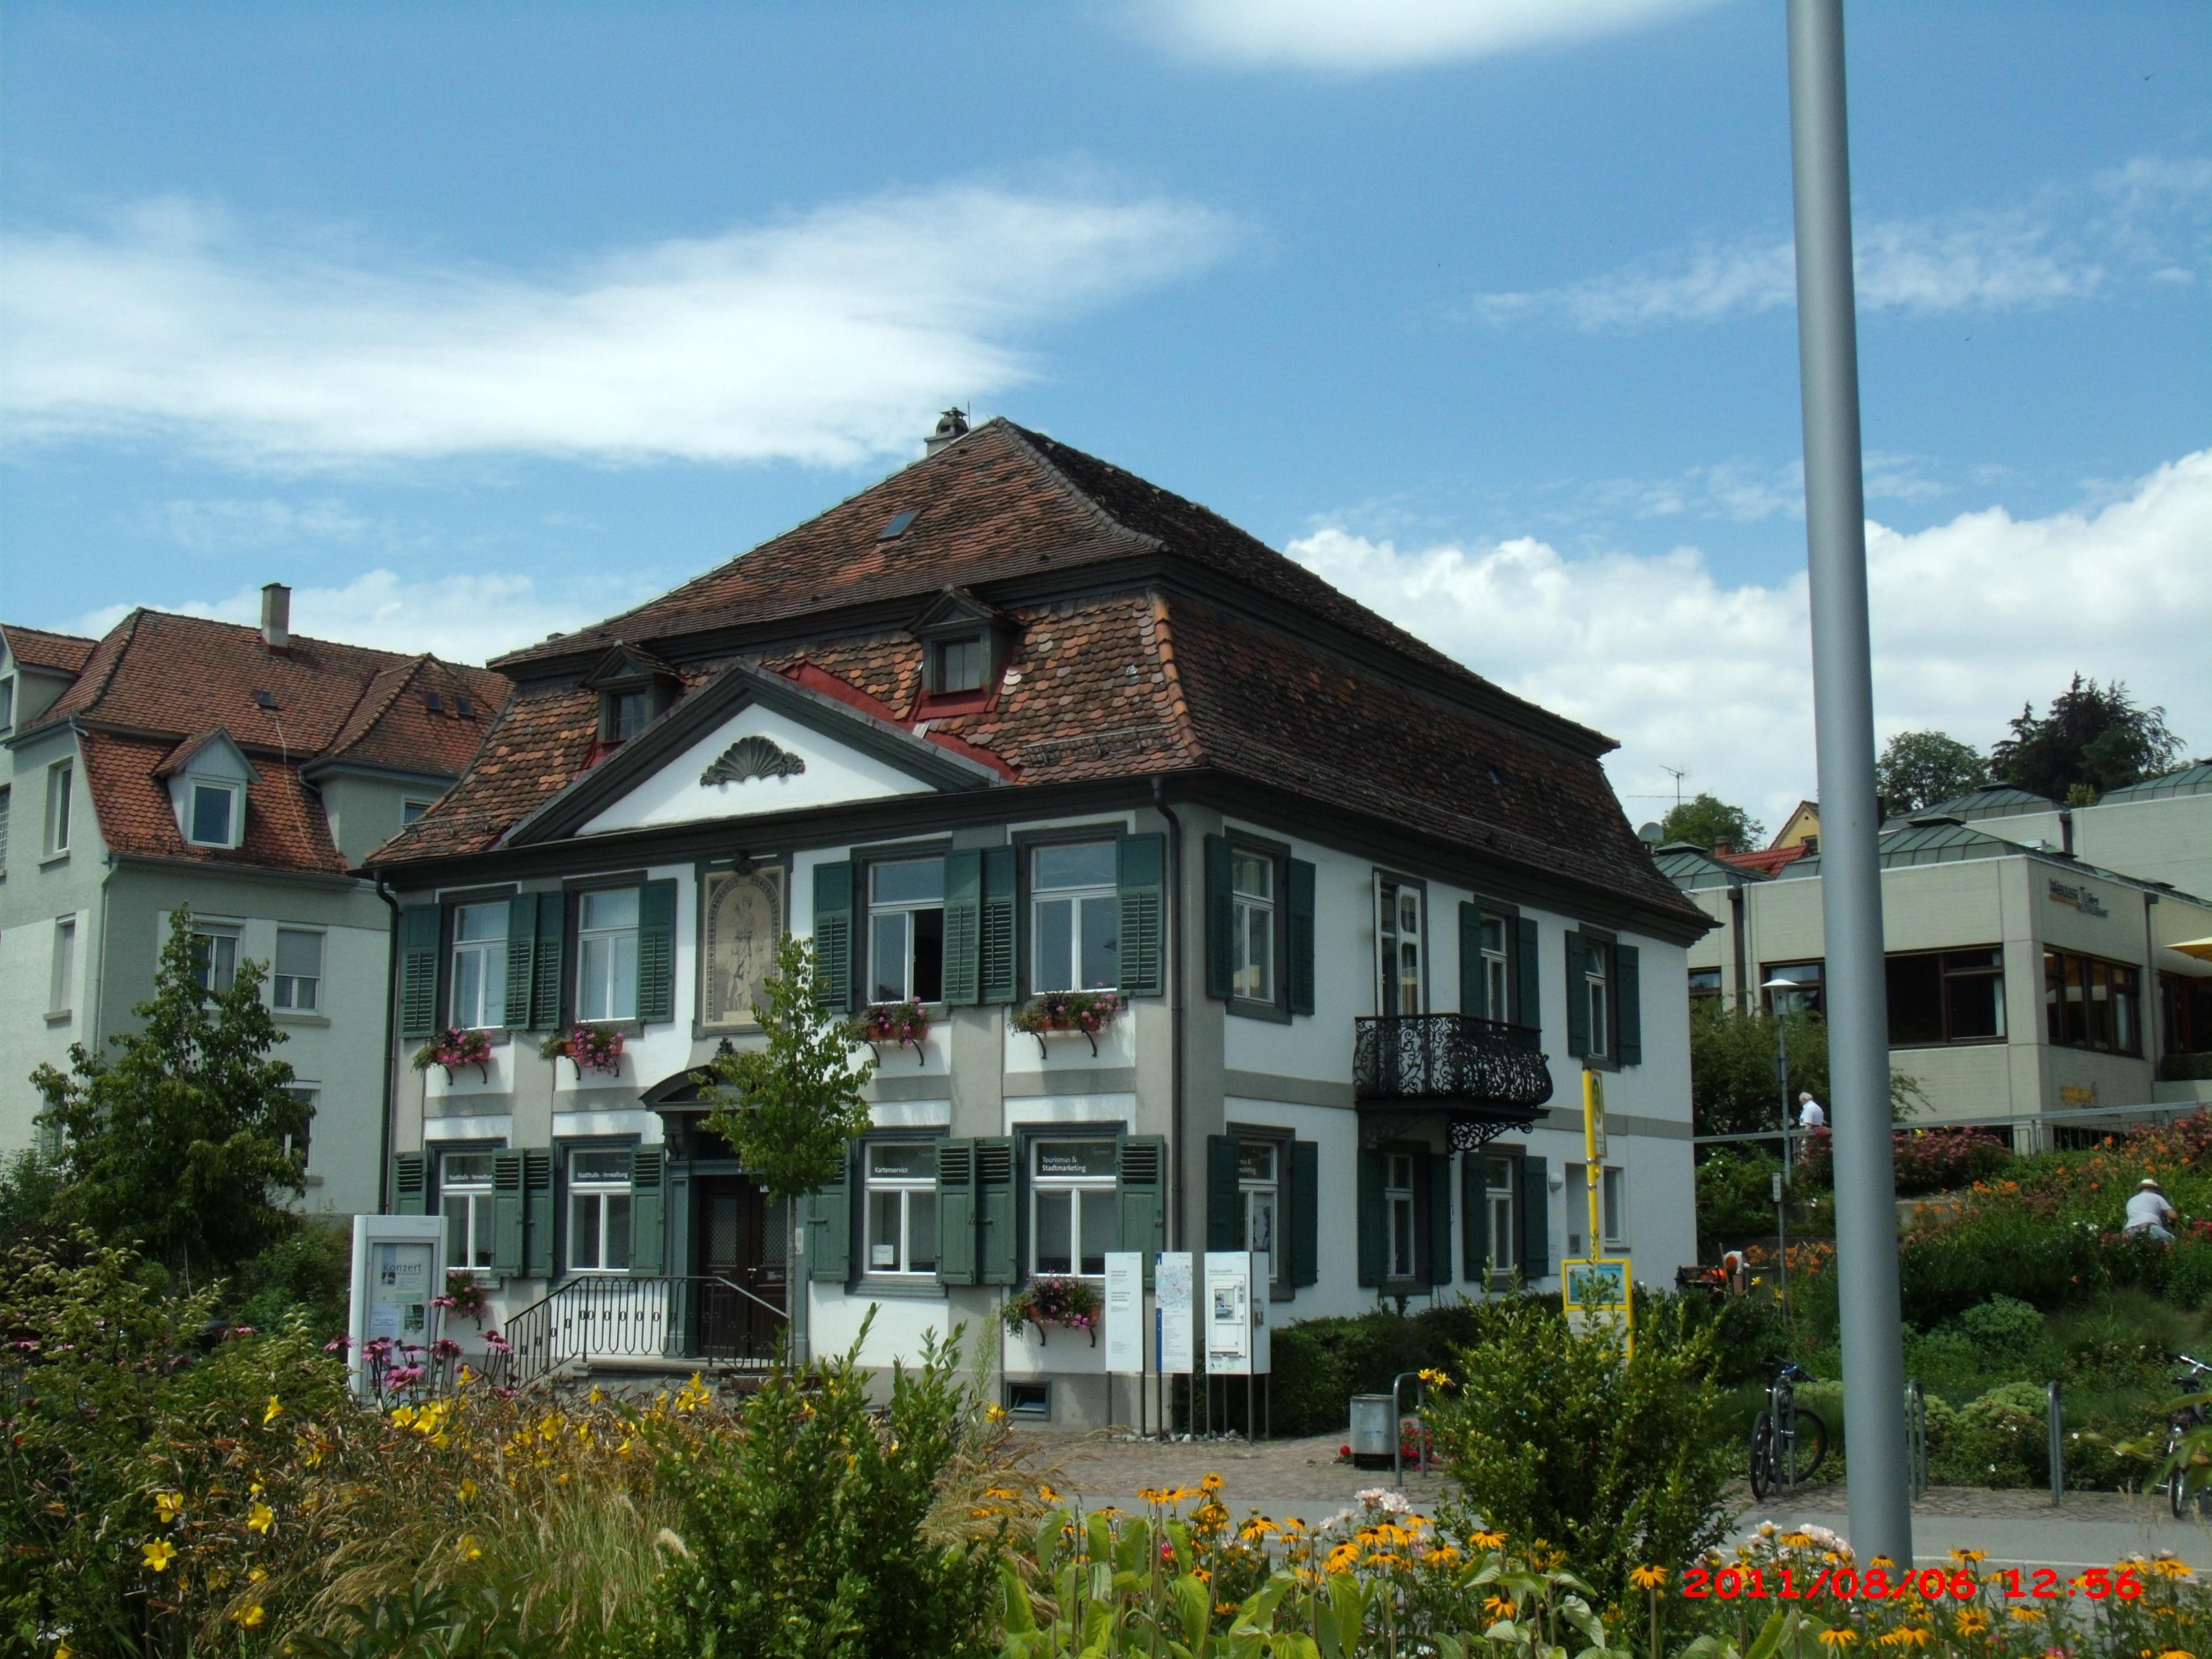 Biberach an der Riss, Baden-Württemberg, Germany